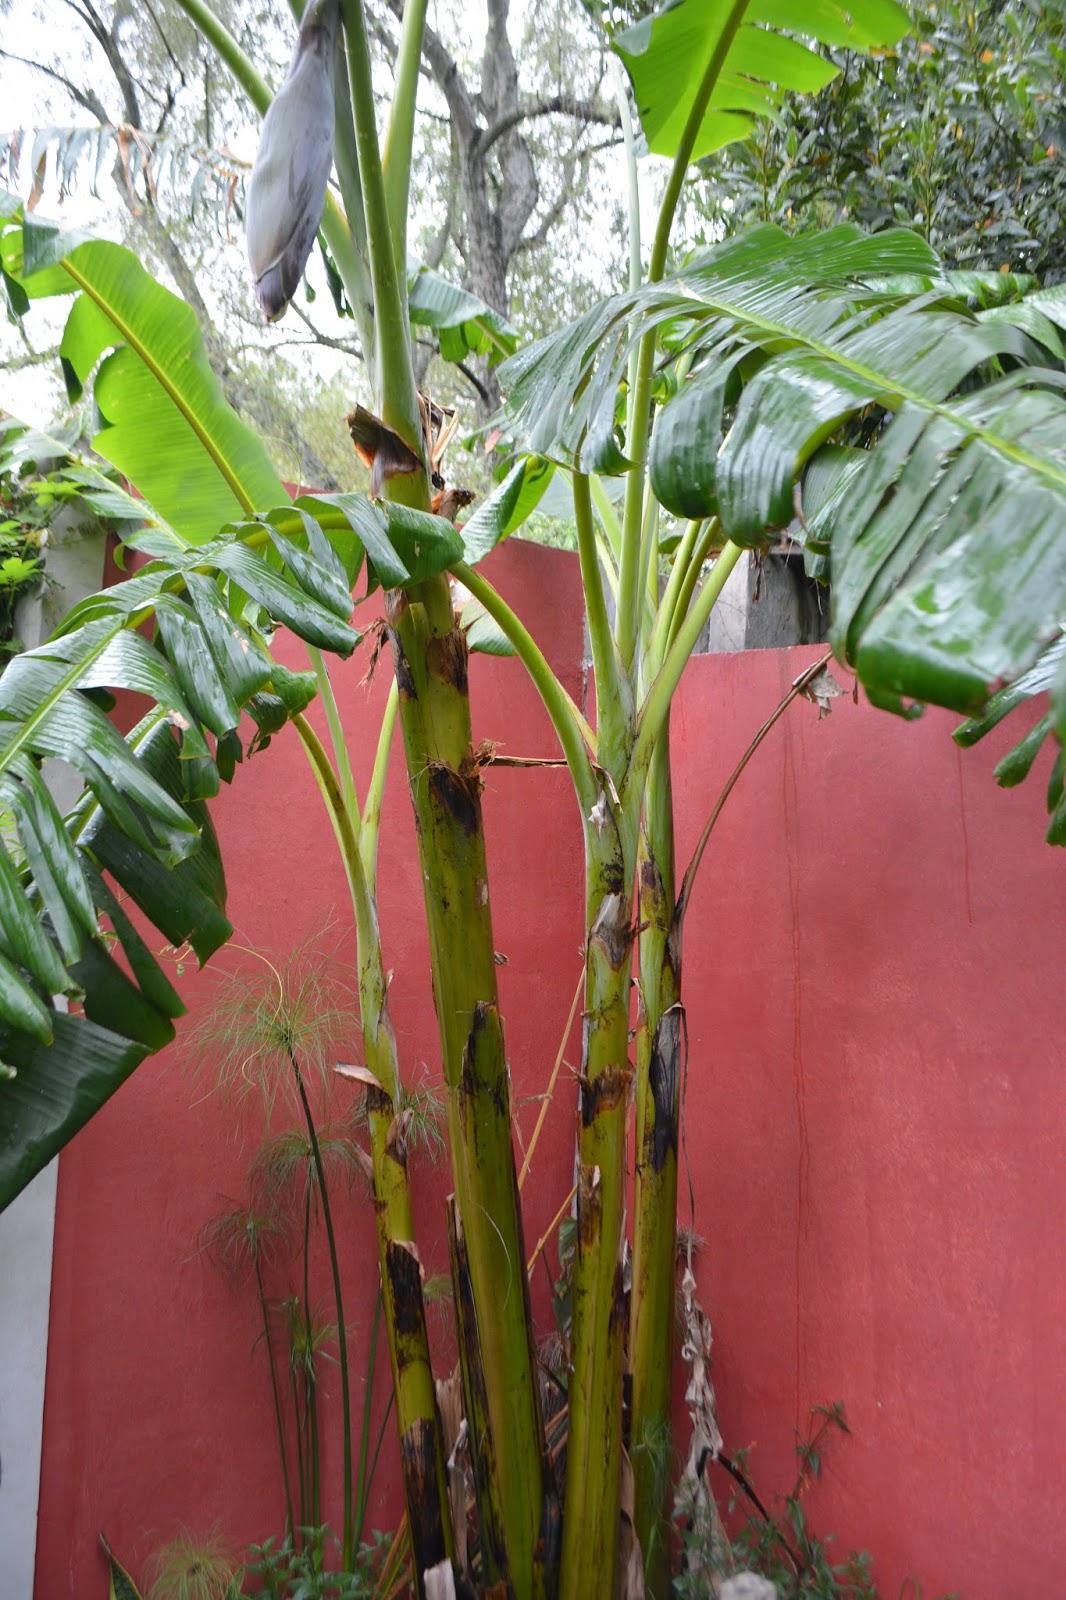 Banano formando frutos